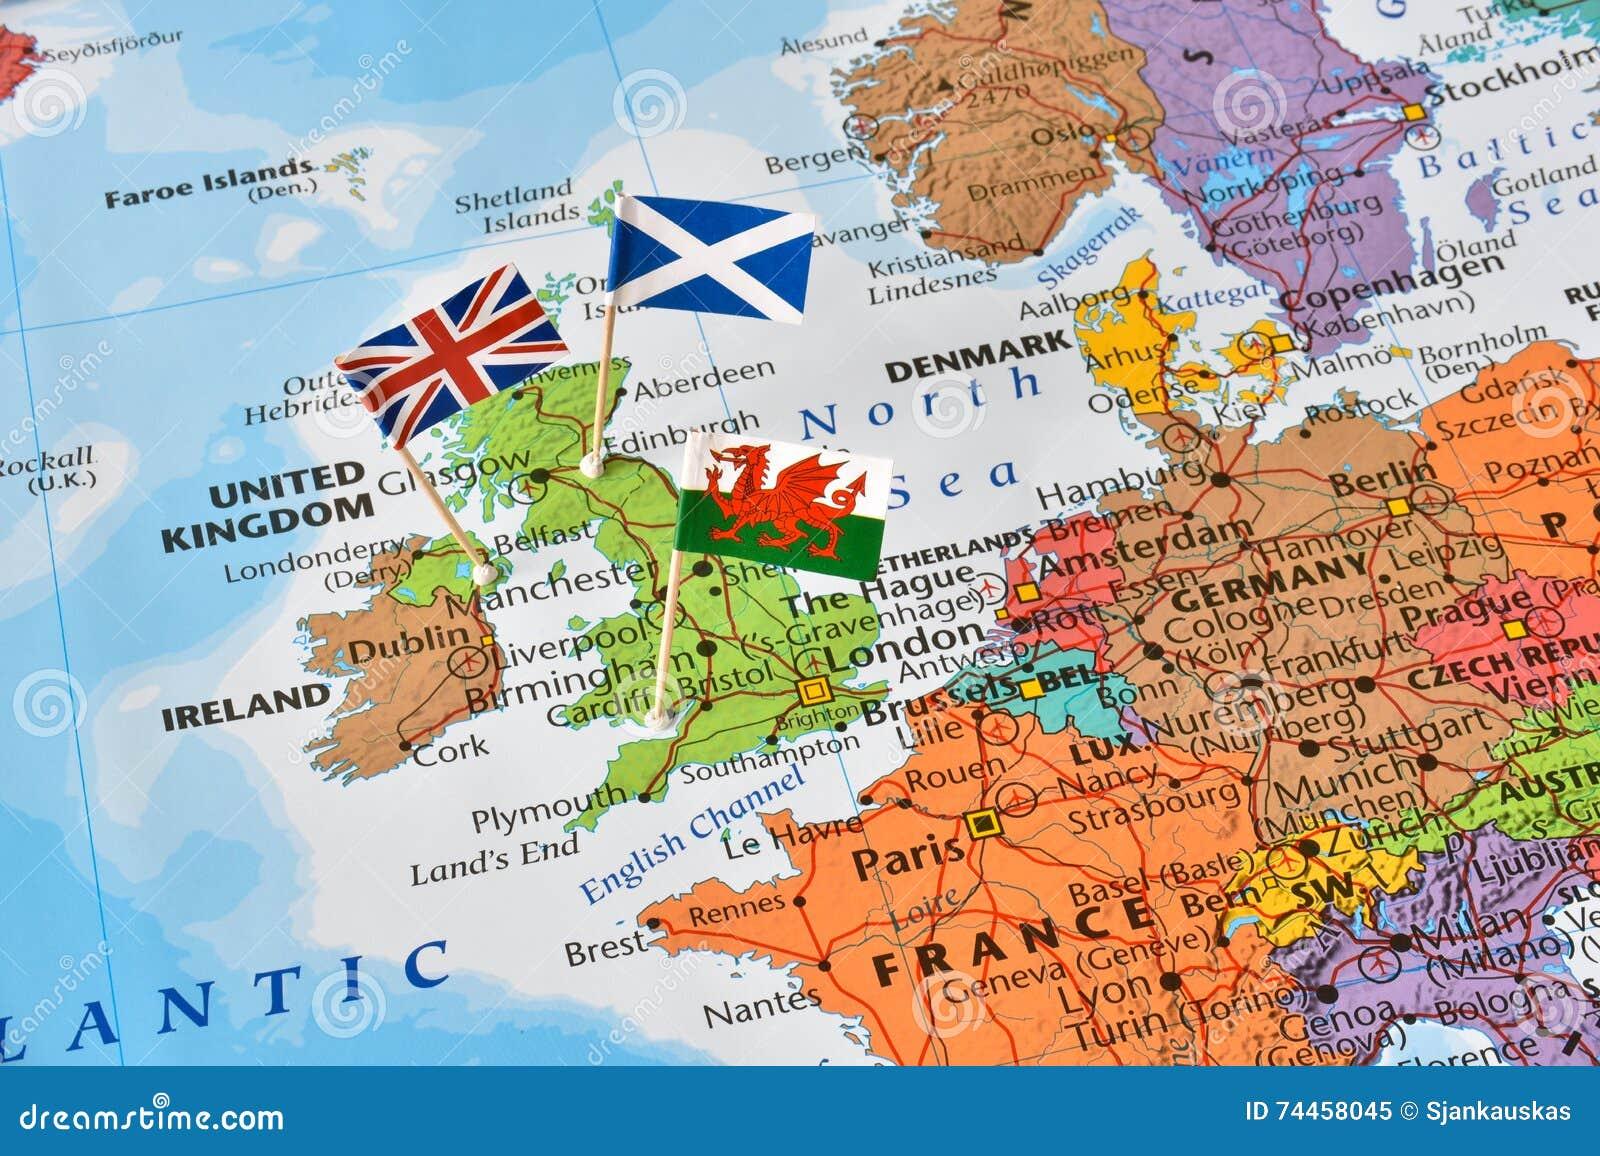 Cartina Politica Inghilterra Scozia Galles.Mappa Del Regno Unito Bandiere Dell Inghilterra Scozia Galles Concetto Del Brexit Immagine Stock Immagine Di Inghilterra Particolare 74458045